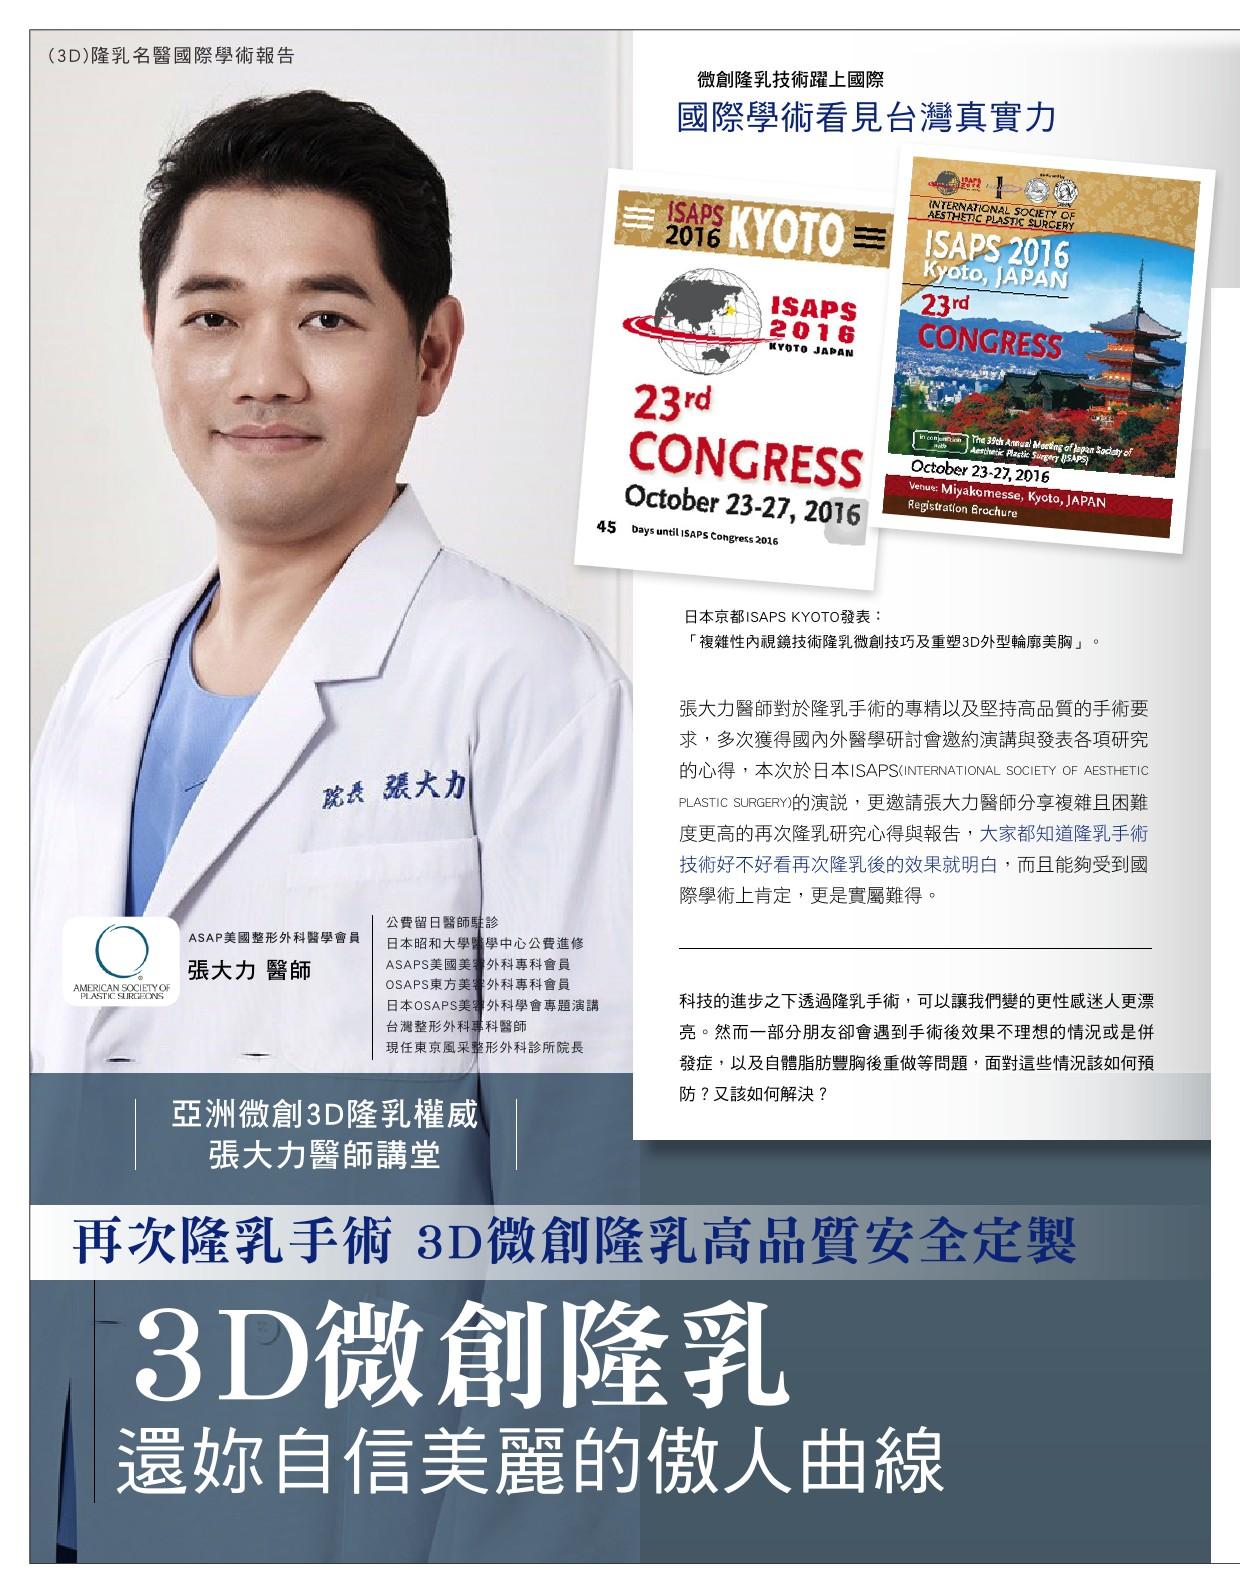 3D微創隆乳 還妳自信美麗的傲人曲線-雜誌專訪-張大力-整形名醫-東京風采